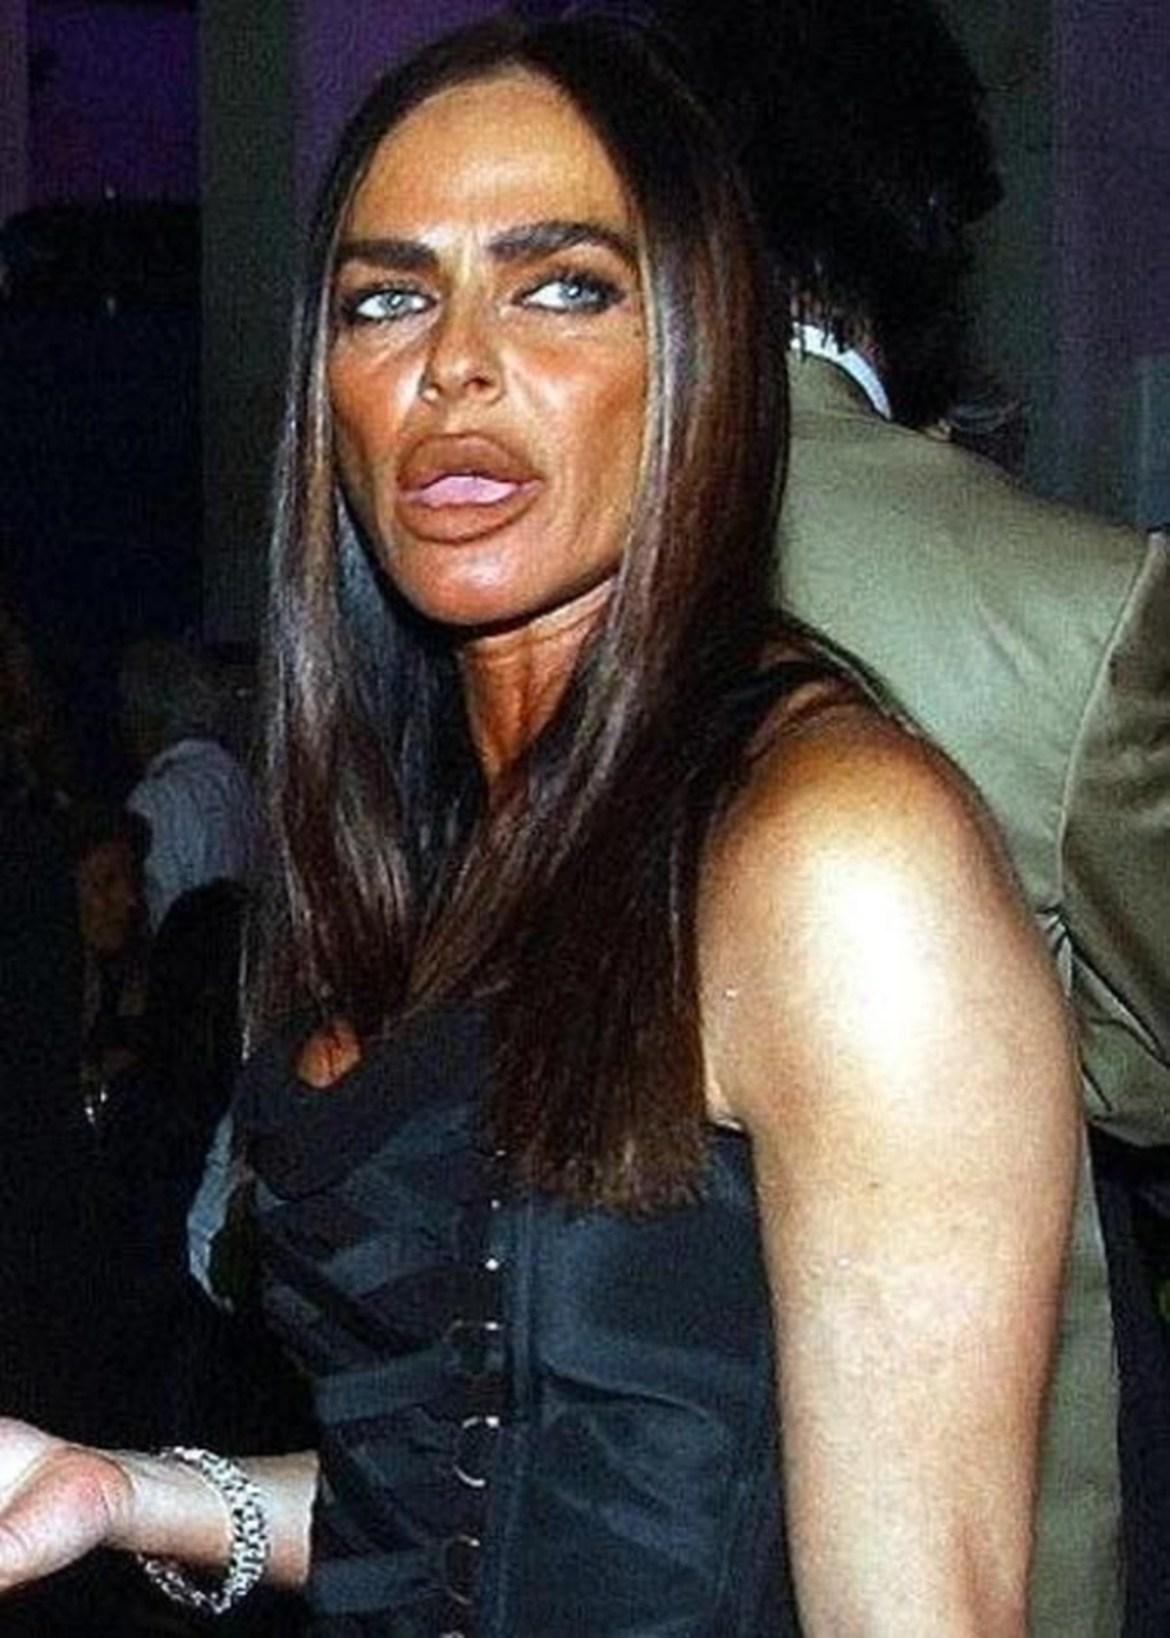 Michaaela Rominini - celebridades que mudaram muito após cirurgias plástica.